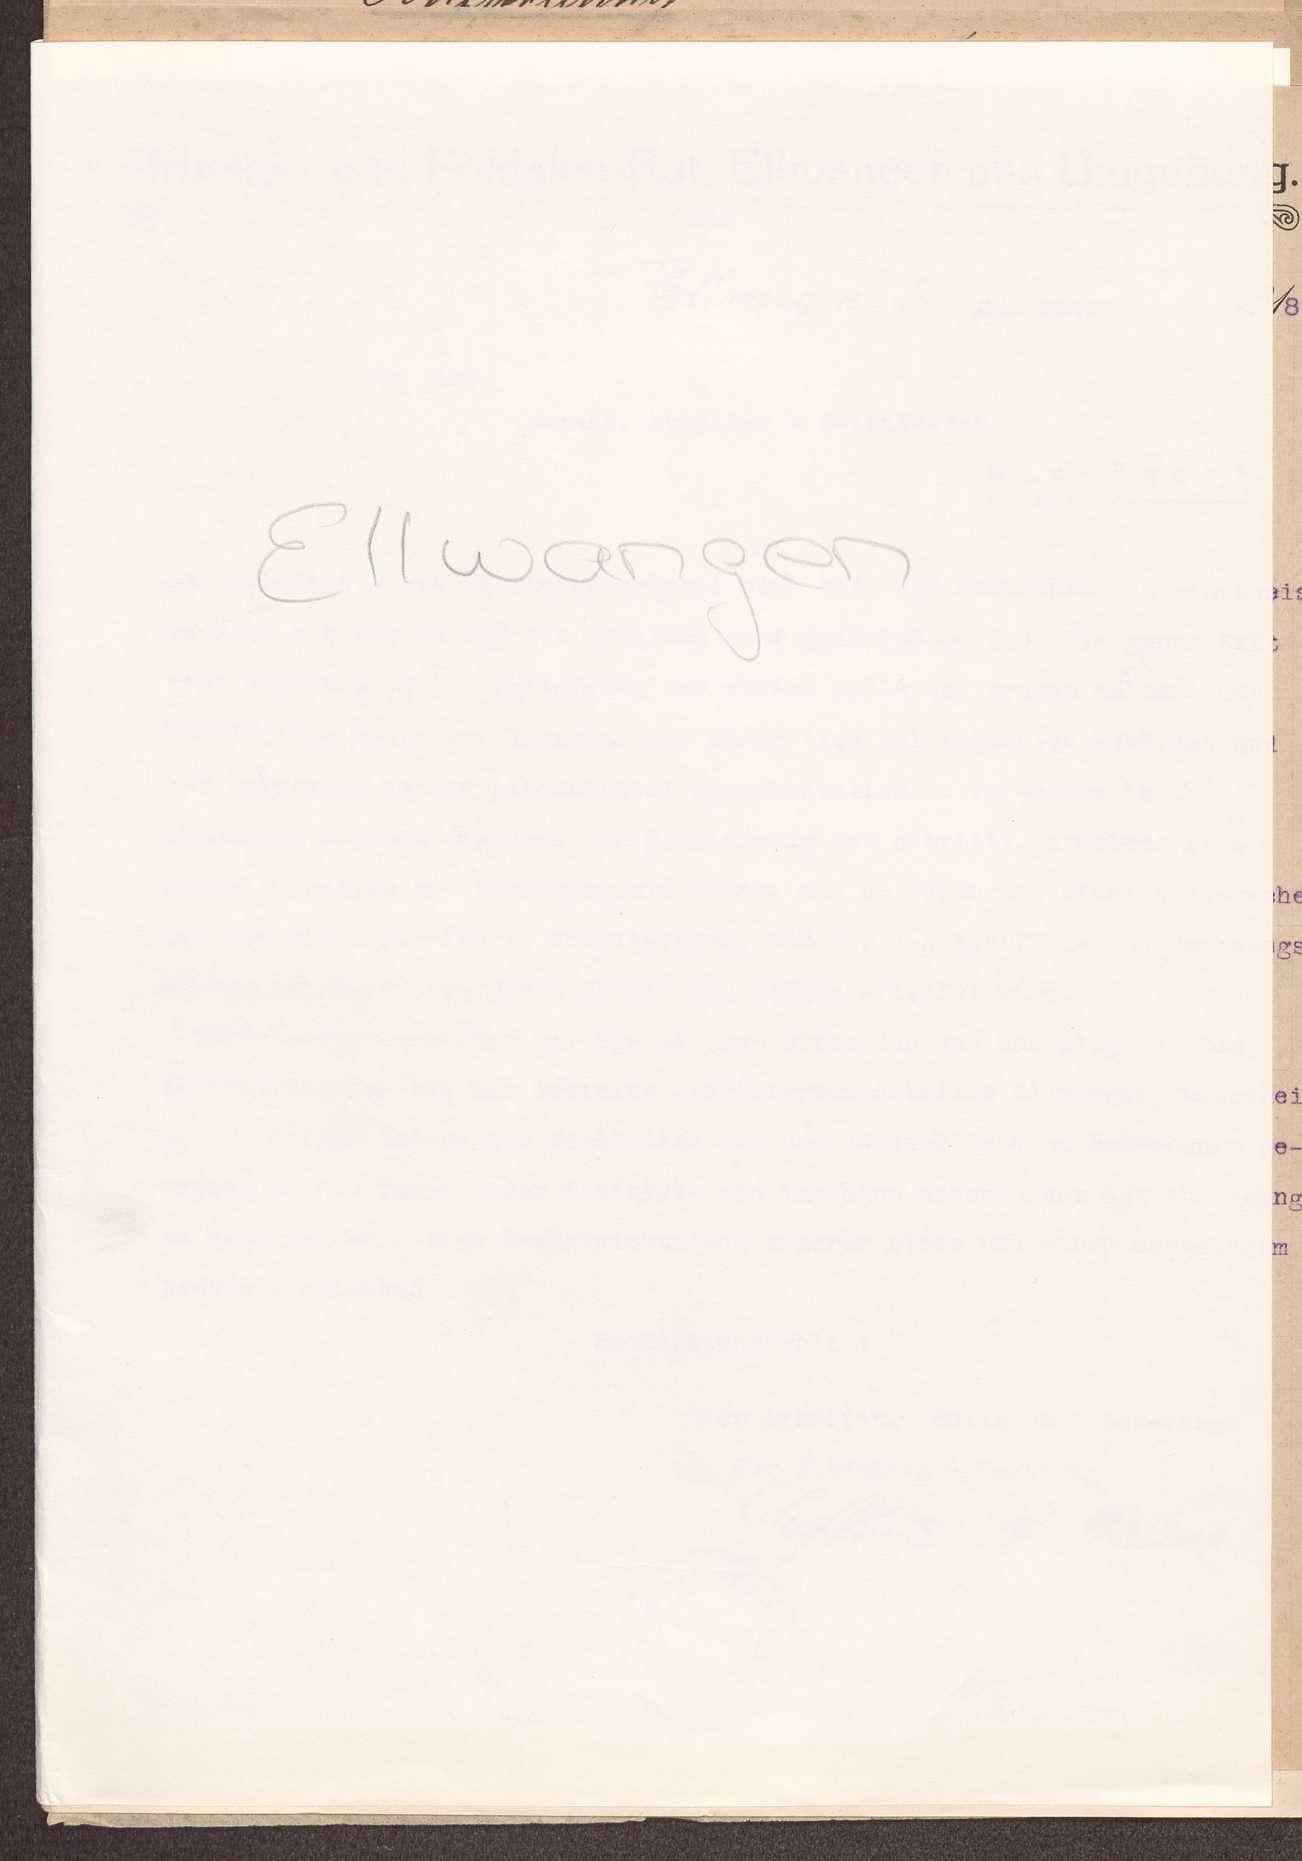 Finanzierung und Rechnungslegung örtlicher Arbeiter- und Bauernräte im Oberamt Ellwangen, Bild 1